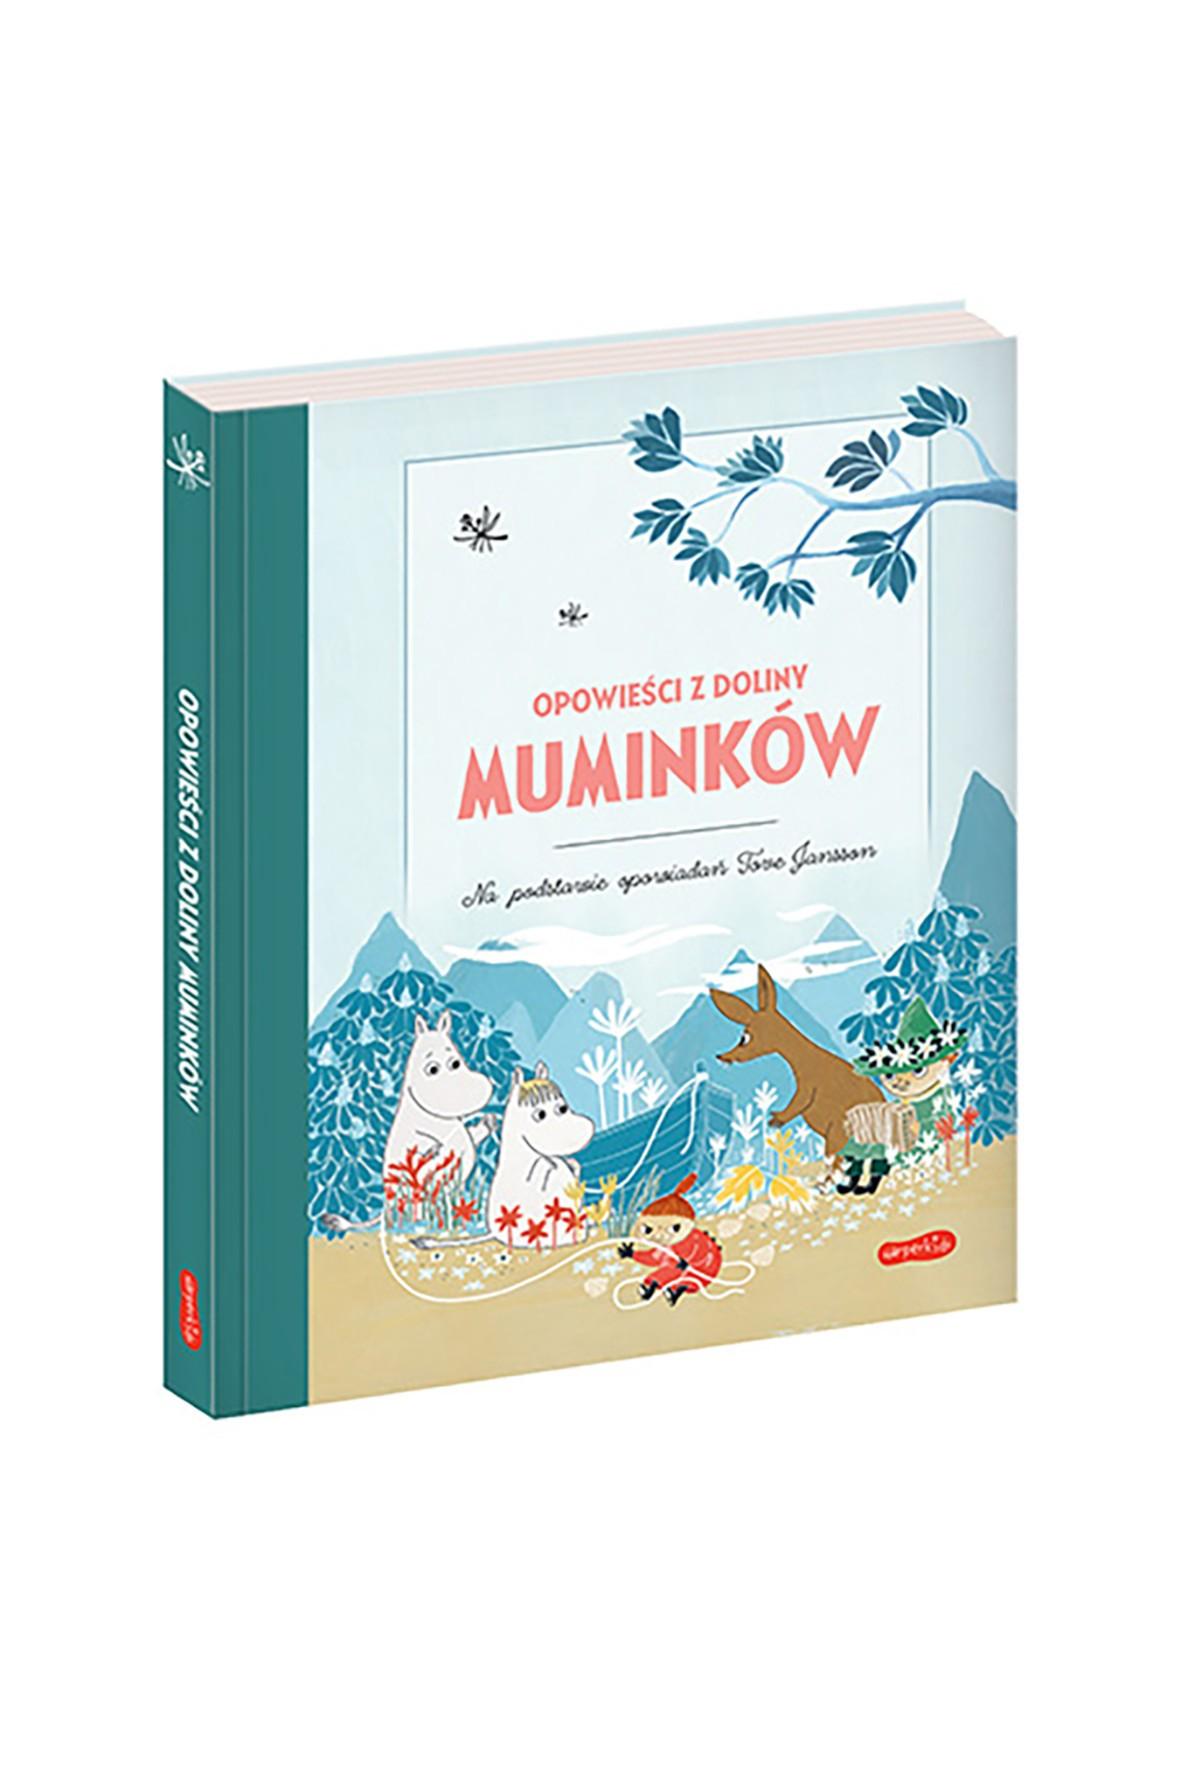 Opowieści Z Doliny Muminków Książka dla dzieci